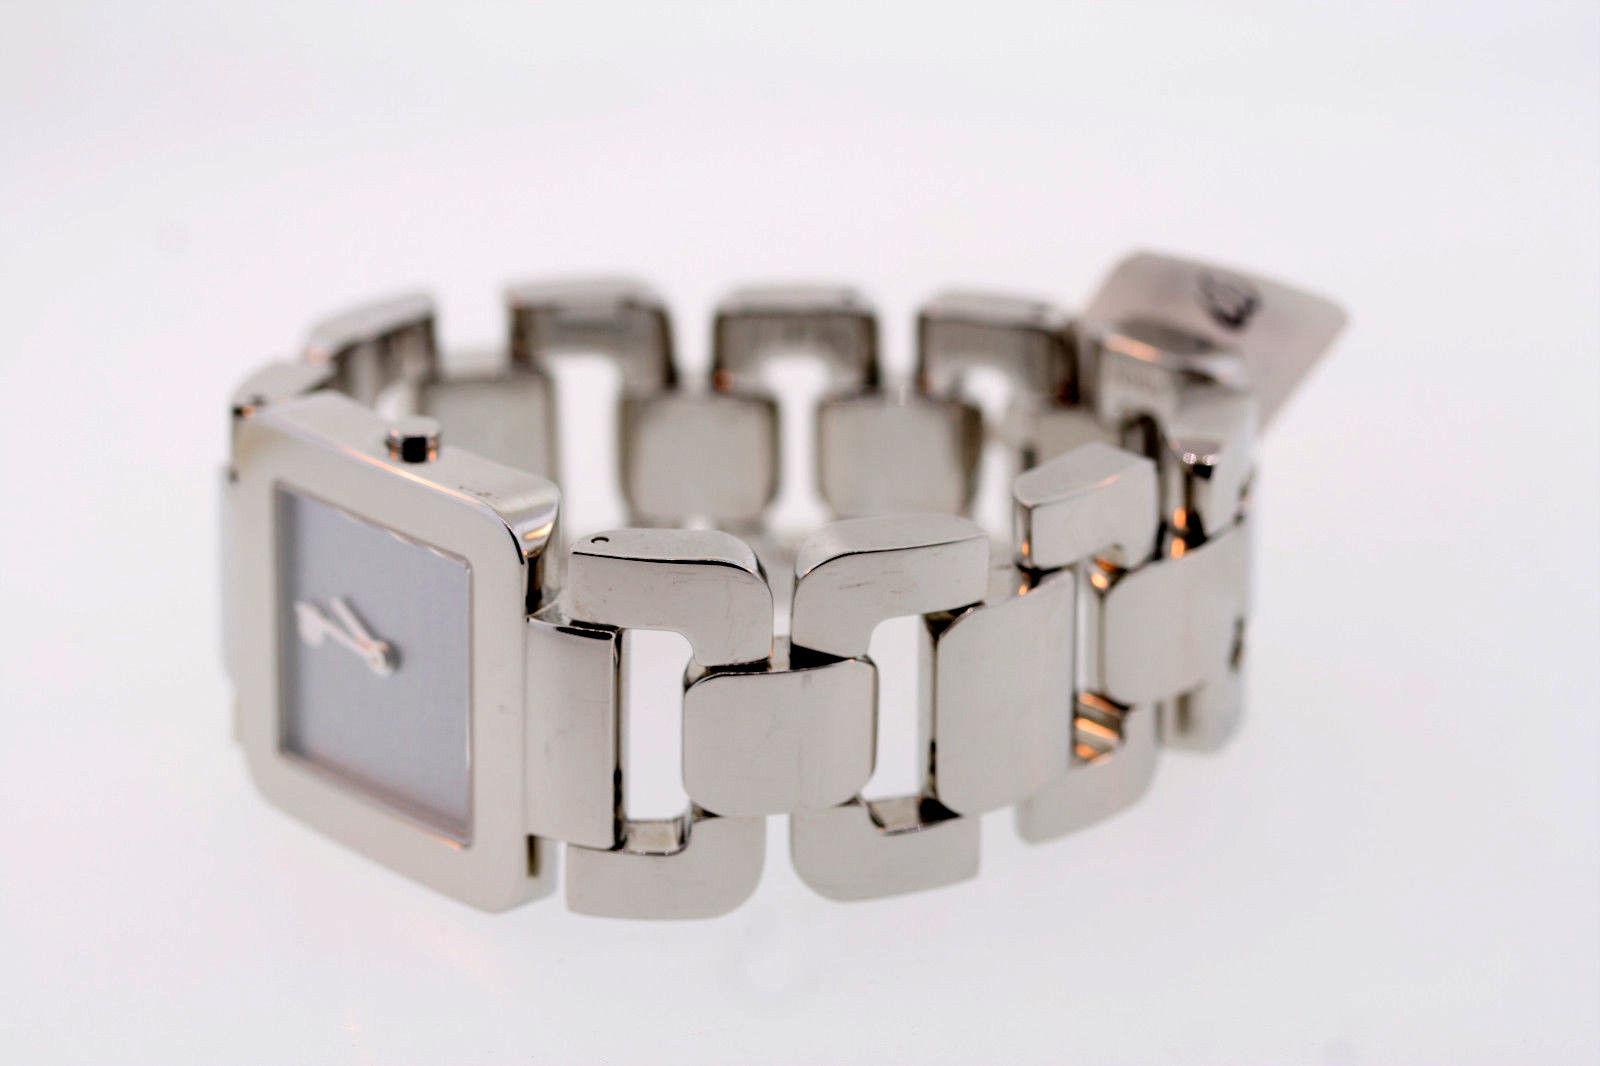 Đồng hồ có thiết kế đơn giản nhưng đem lại nét hiện đại, trẻ trung